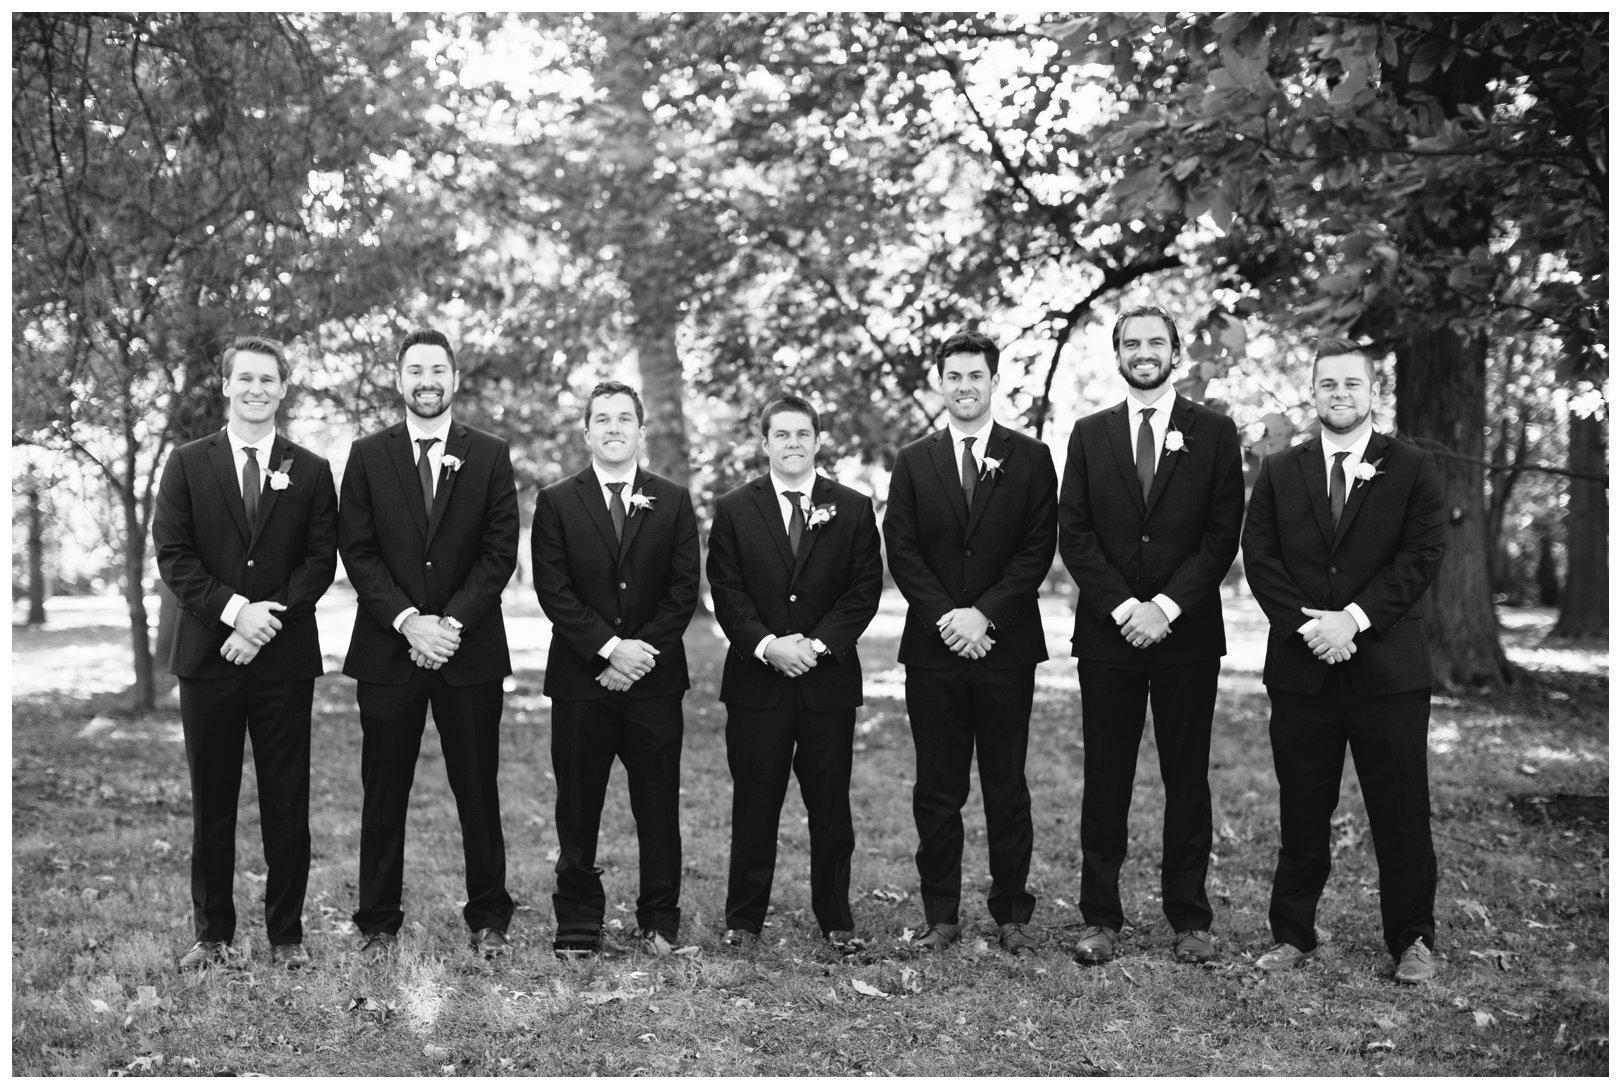 lauren muckler photography_fine art film wedding photography_st louis_photography_2430.jpg